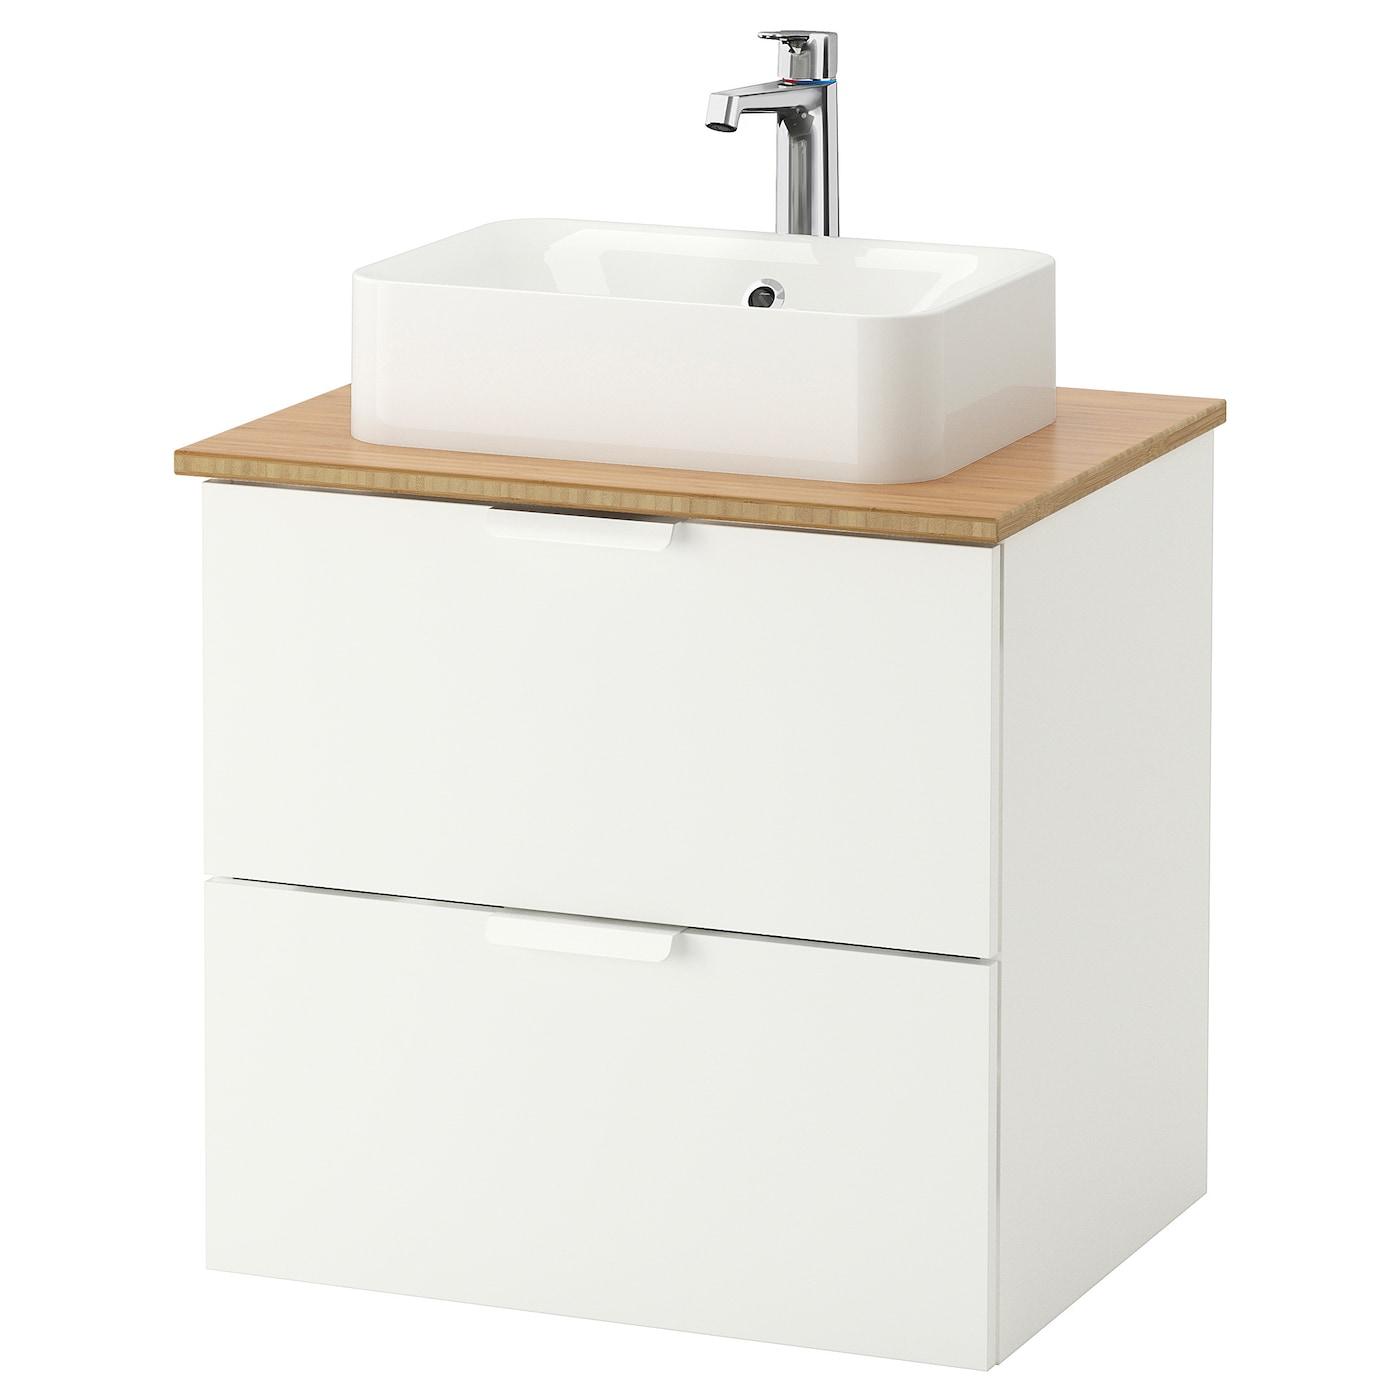 h rvik godmorgon tolken meuble lavabo av lav poser 45x32 blanc bambou 62x49x72 cm ikea. Black Bedroom Furniture Sets. Home Design Ideas